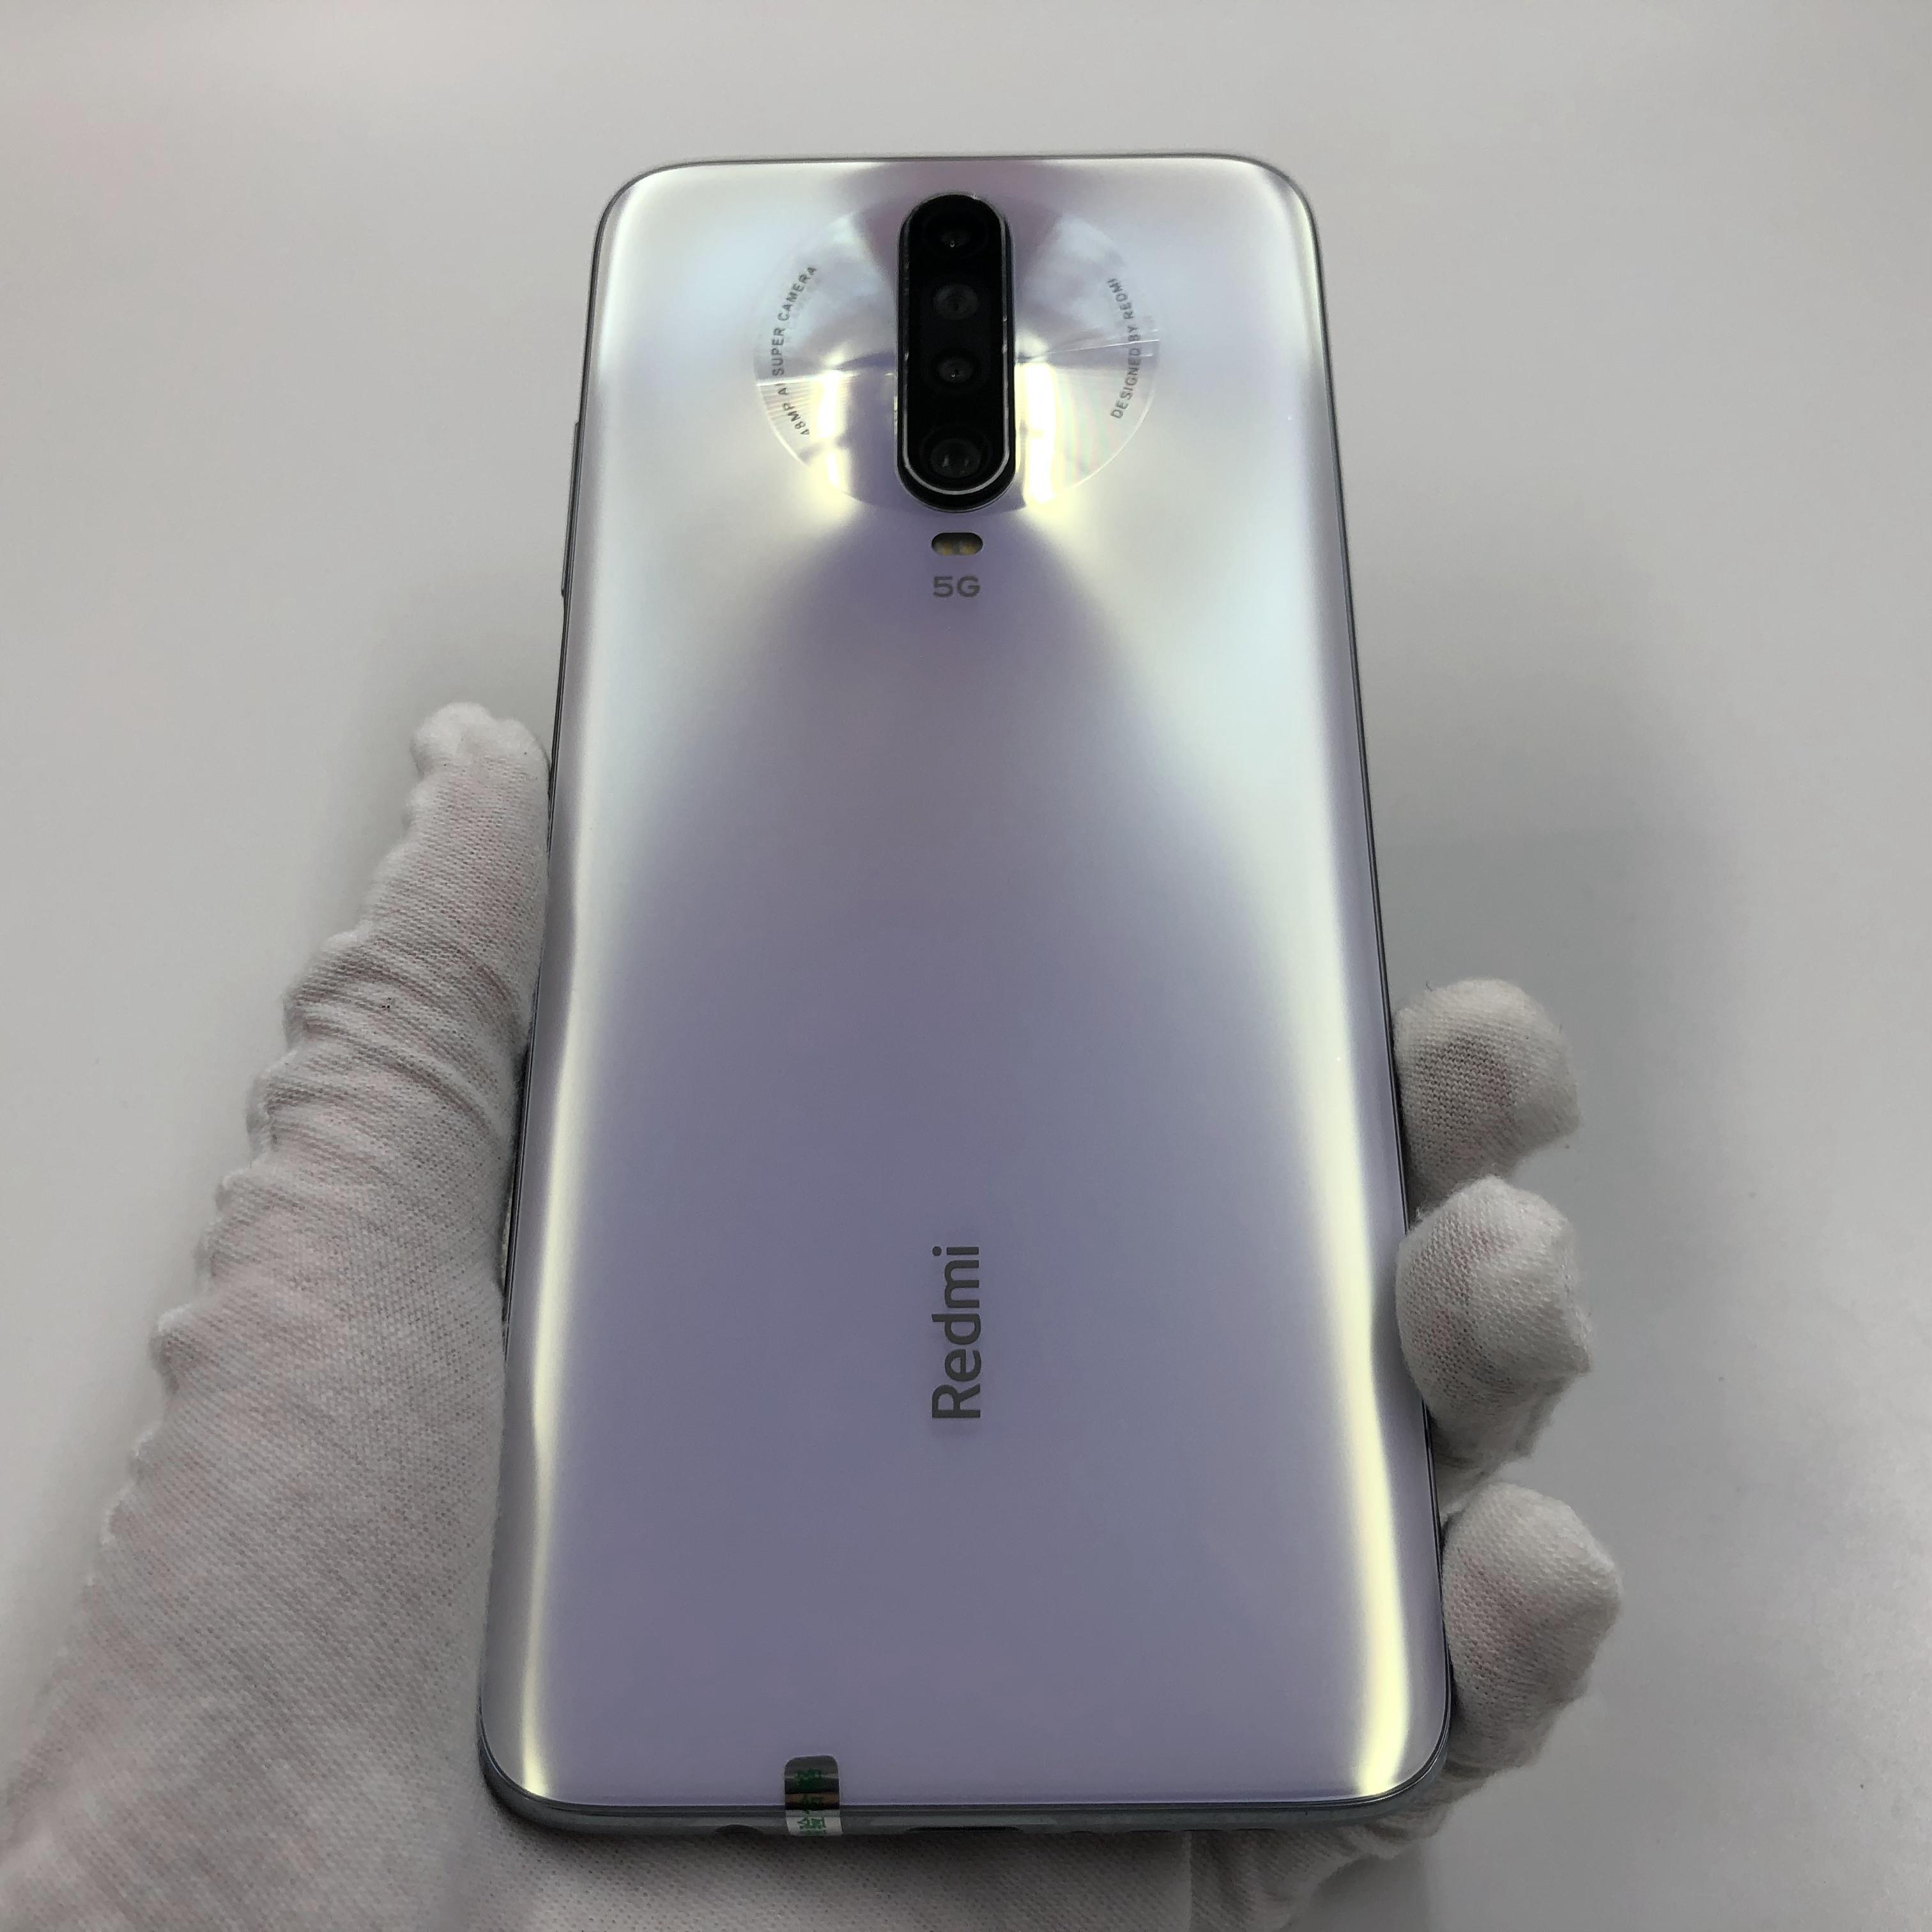 小米【Redmi K30i 5G】5G全网通 时光独白 6G/128G 国行 8成新 真机实拍